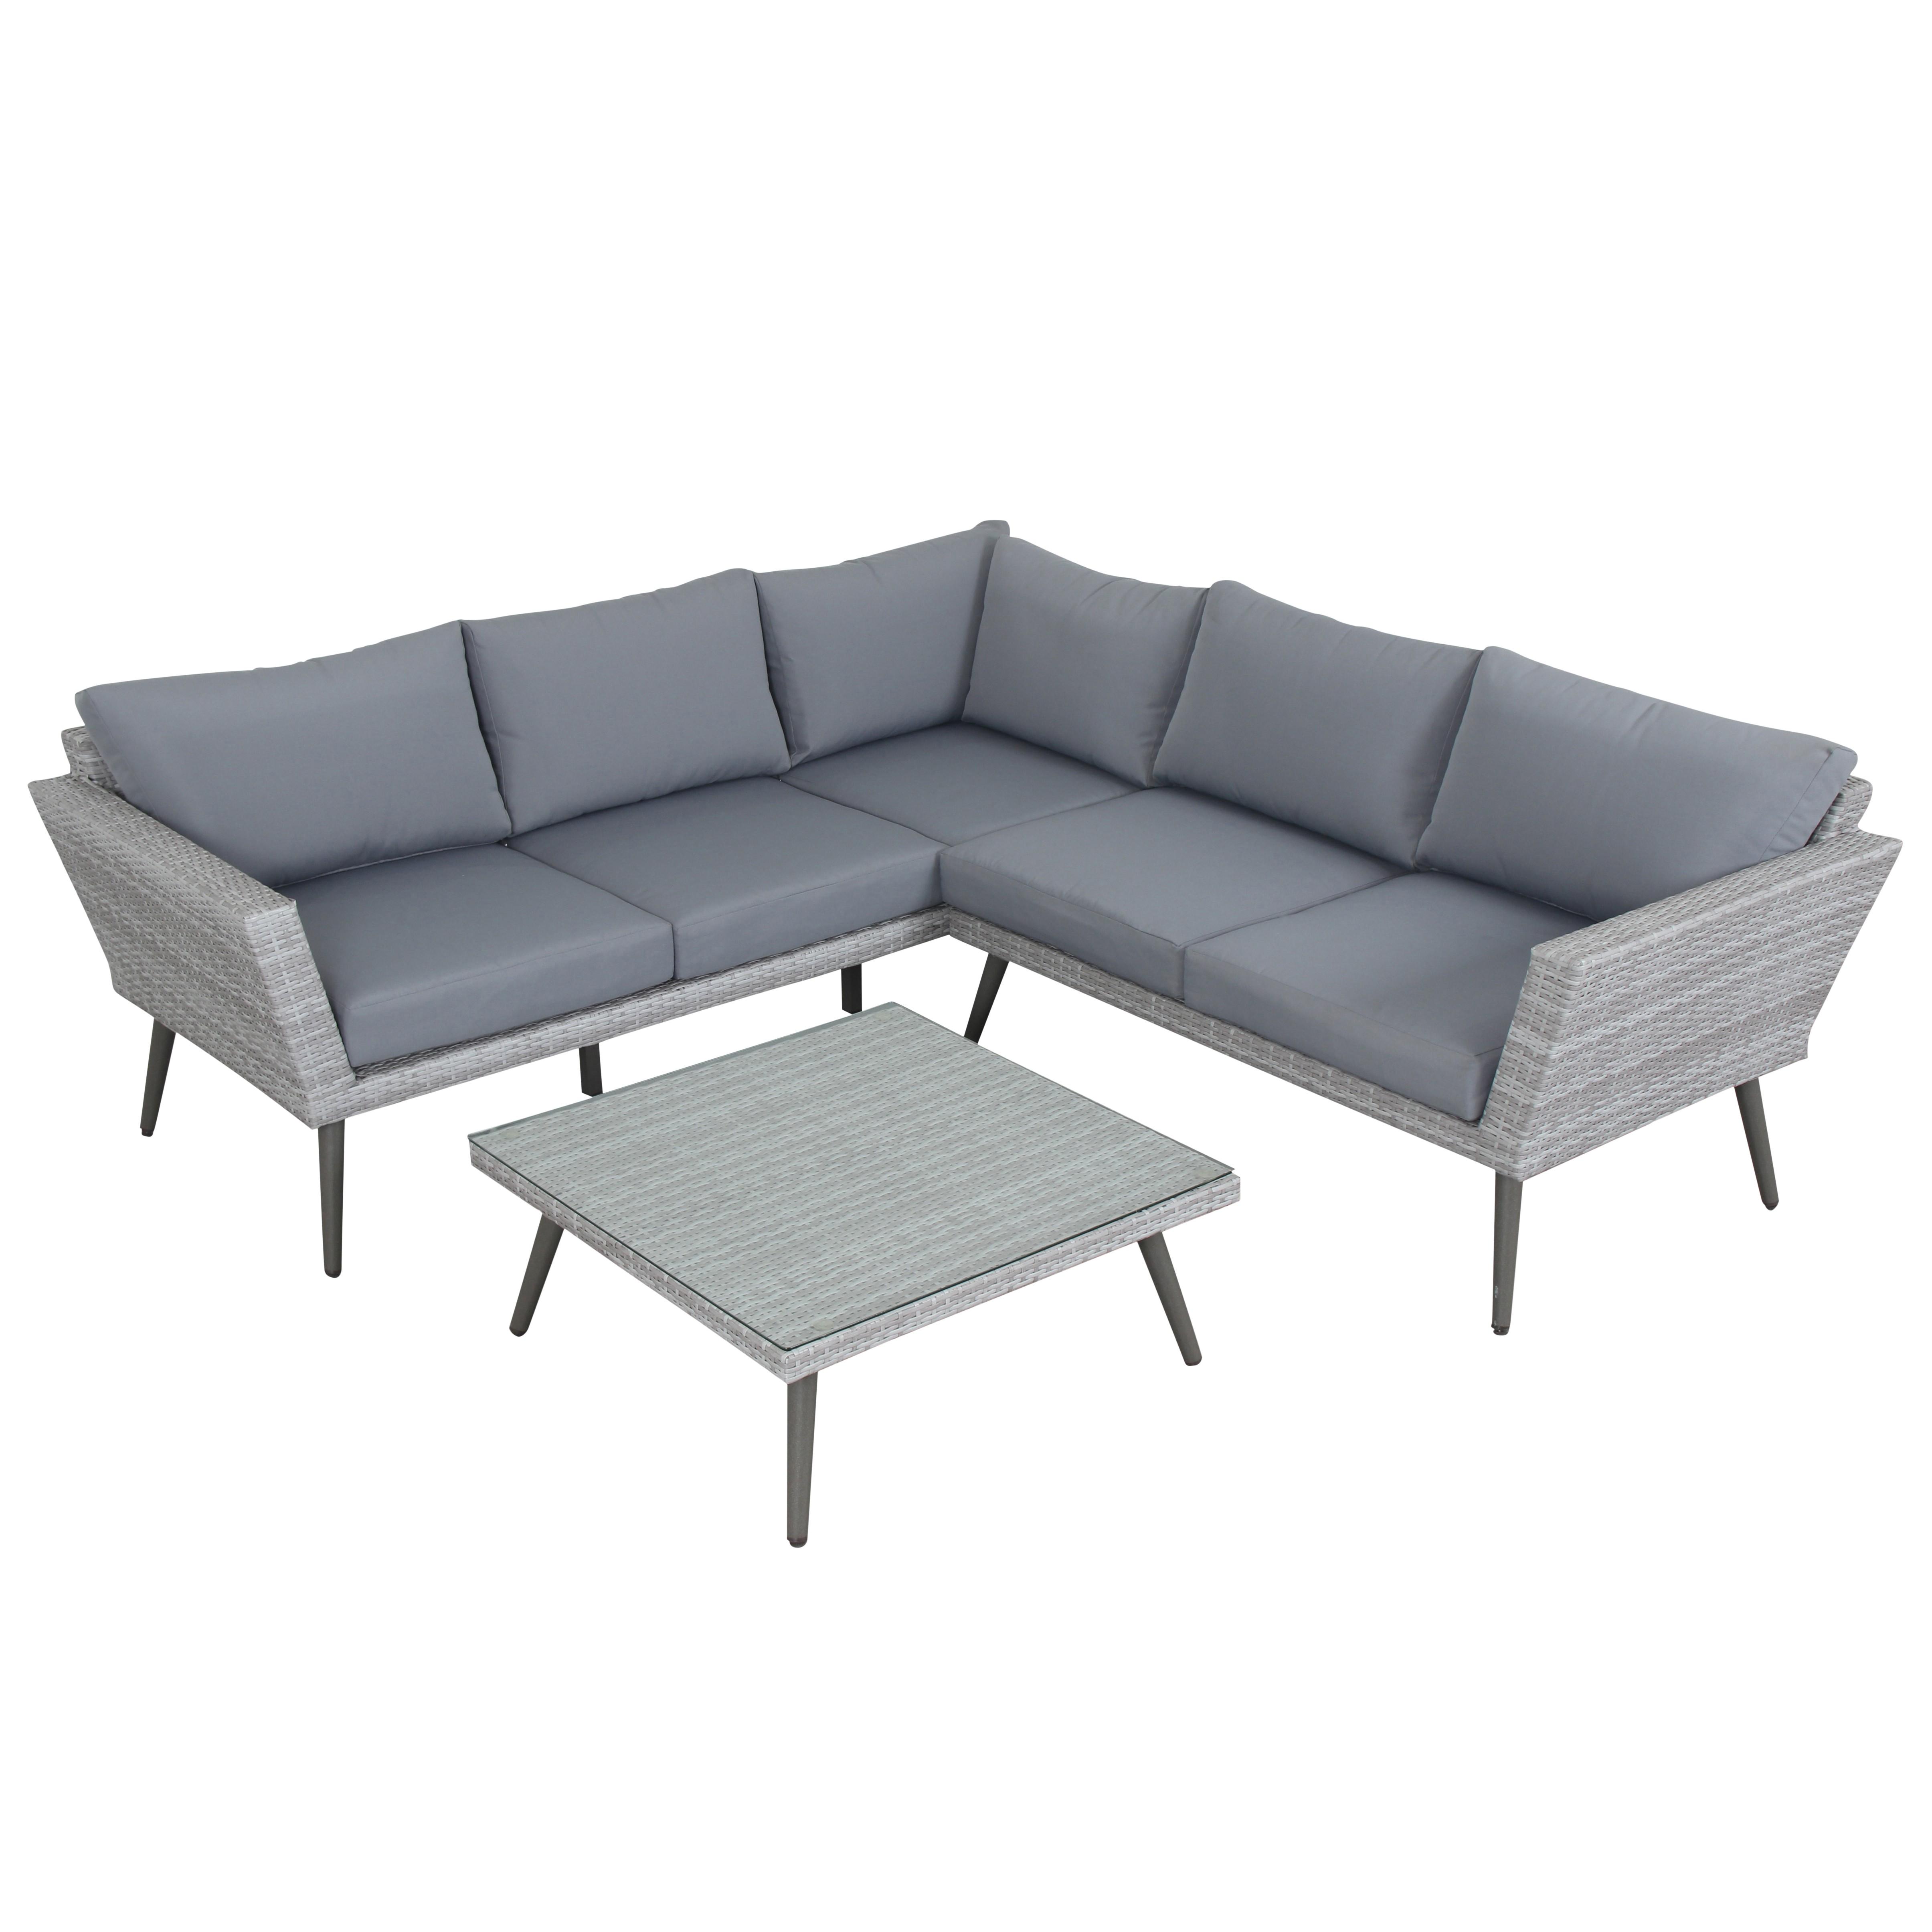 Salon de jardin 5 places en aluminium et résine tressée gris